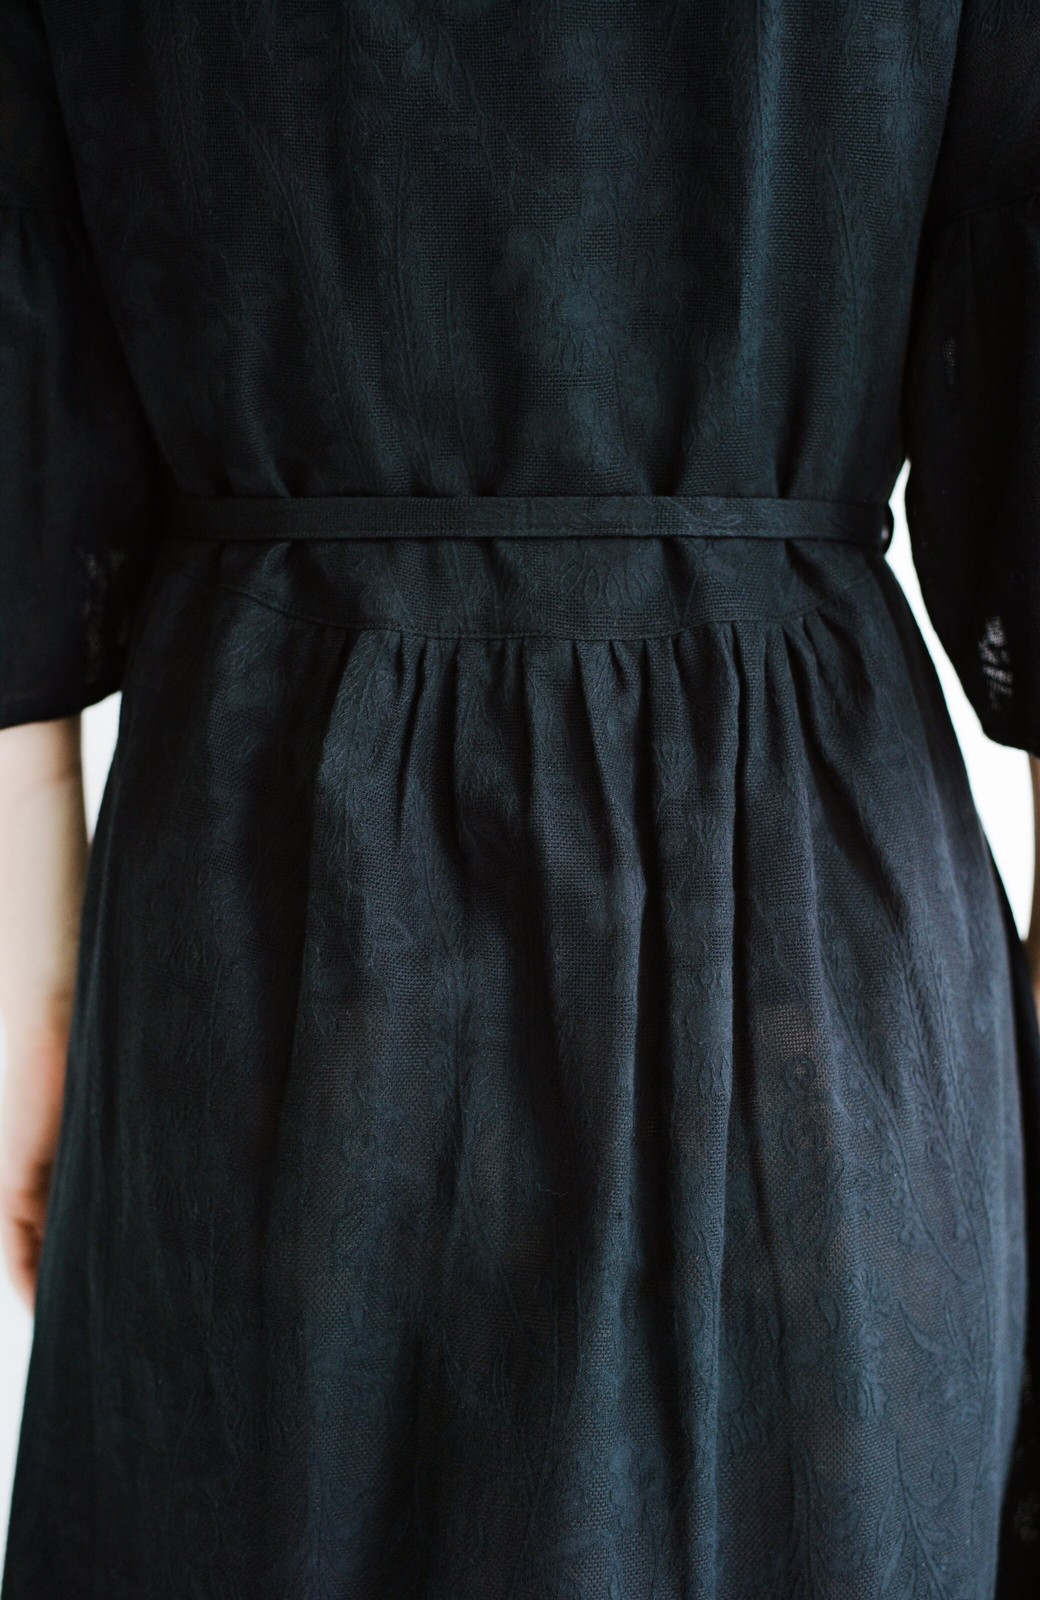 haco! 京都の浴衣屋さんと作った浴衣生地の羽織りにもなるワンピース <ブラック>の商品写真10